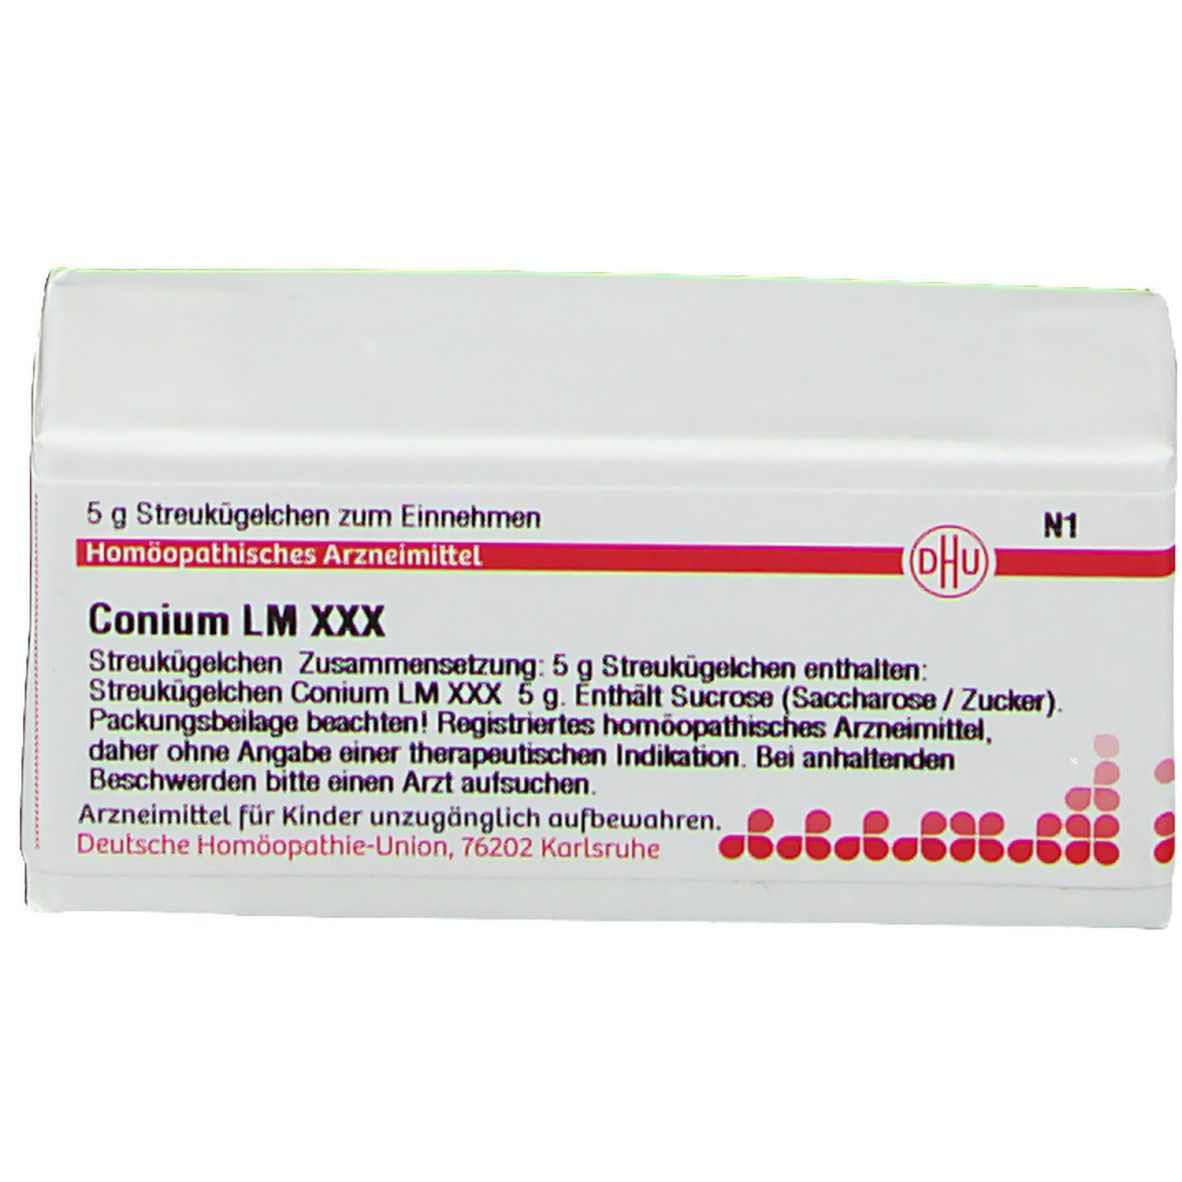 DHU Conium LM XXX